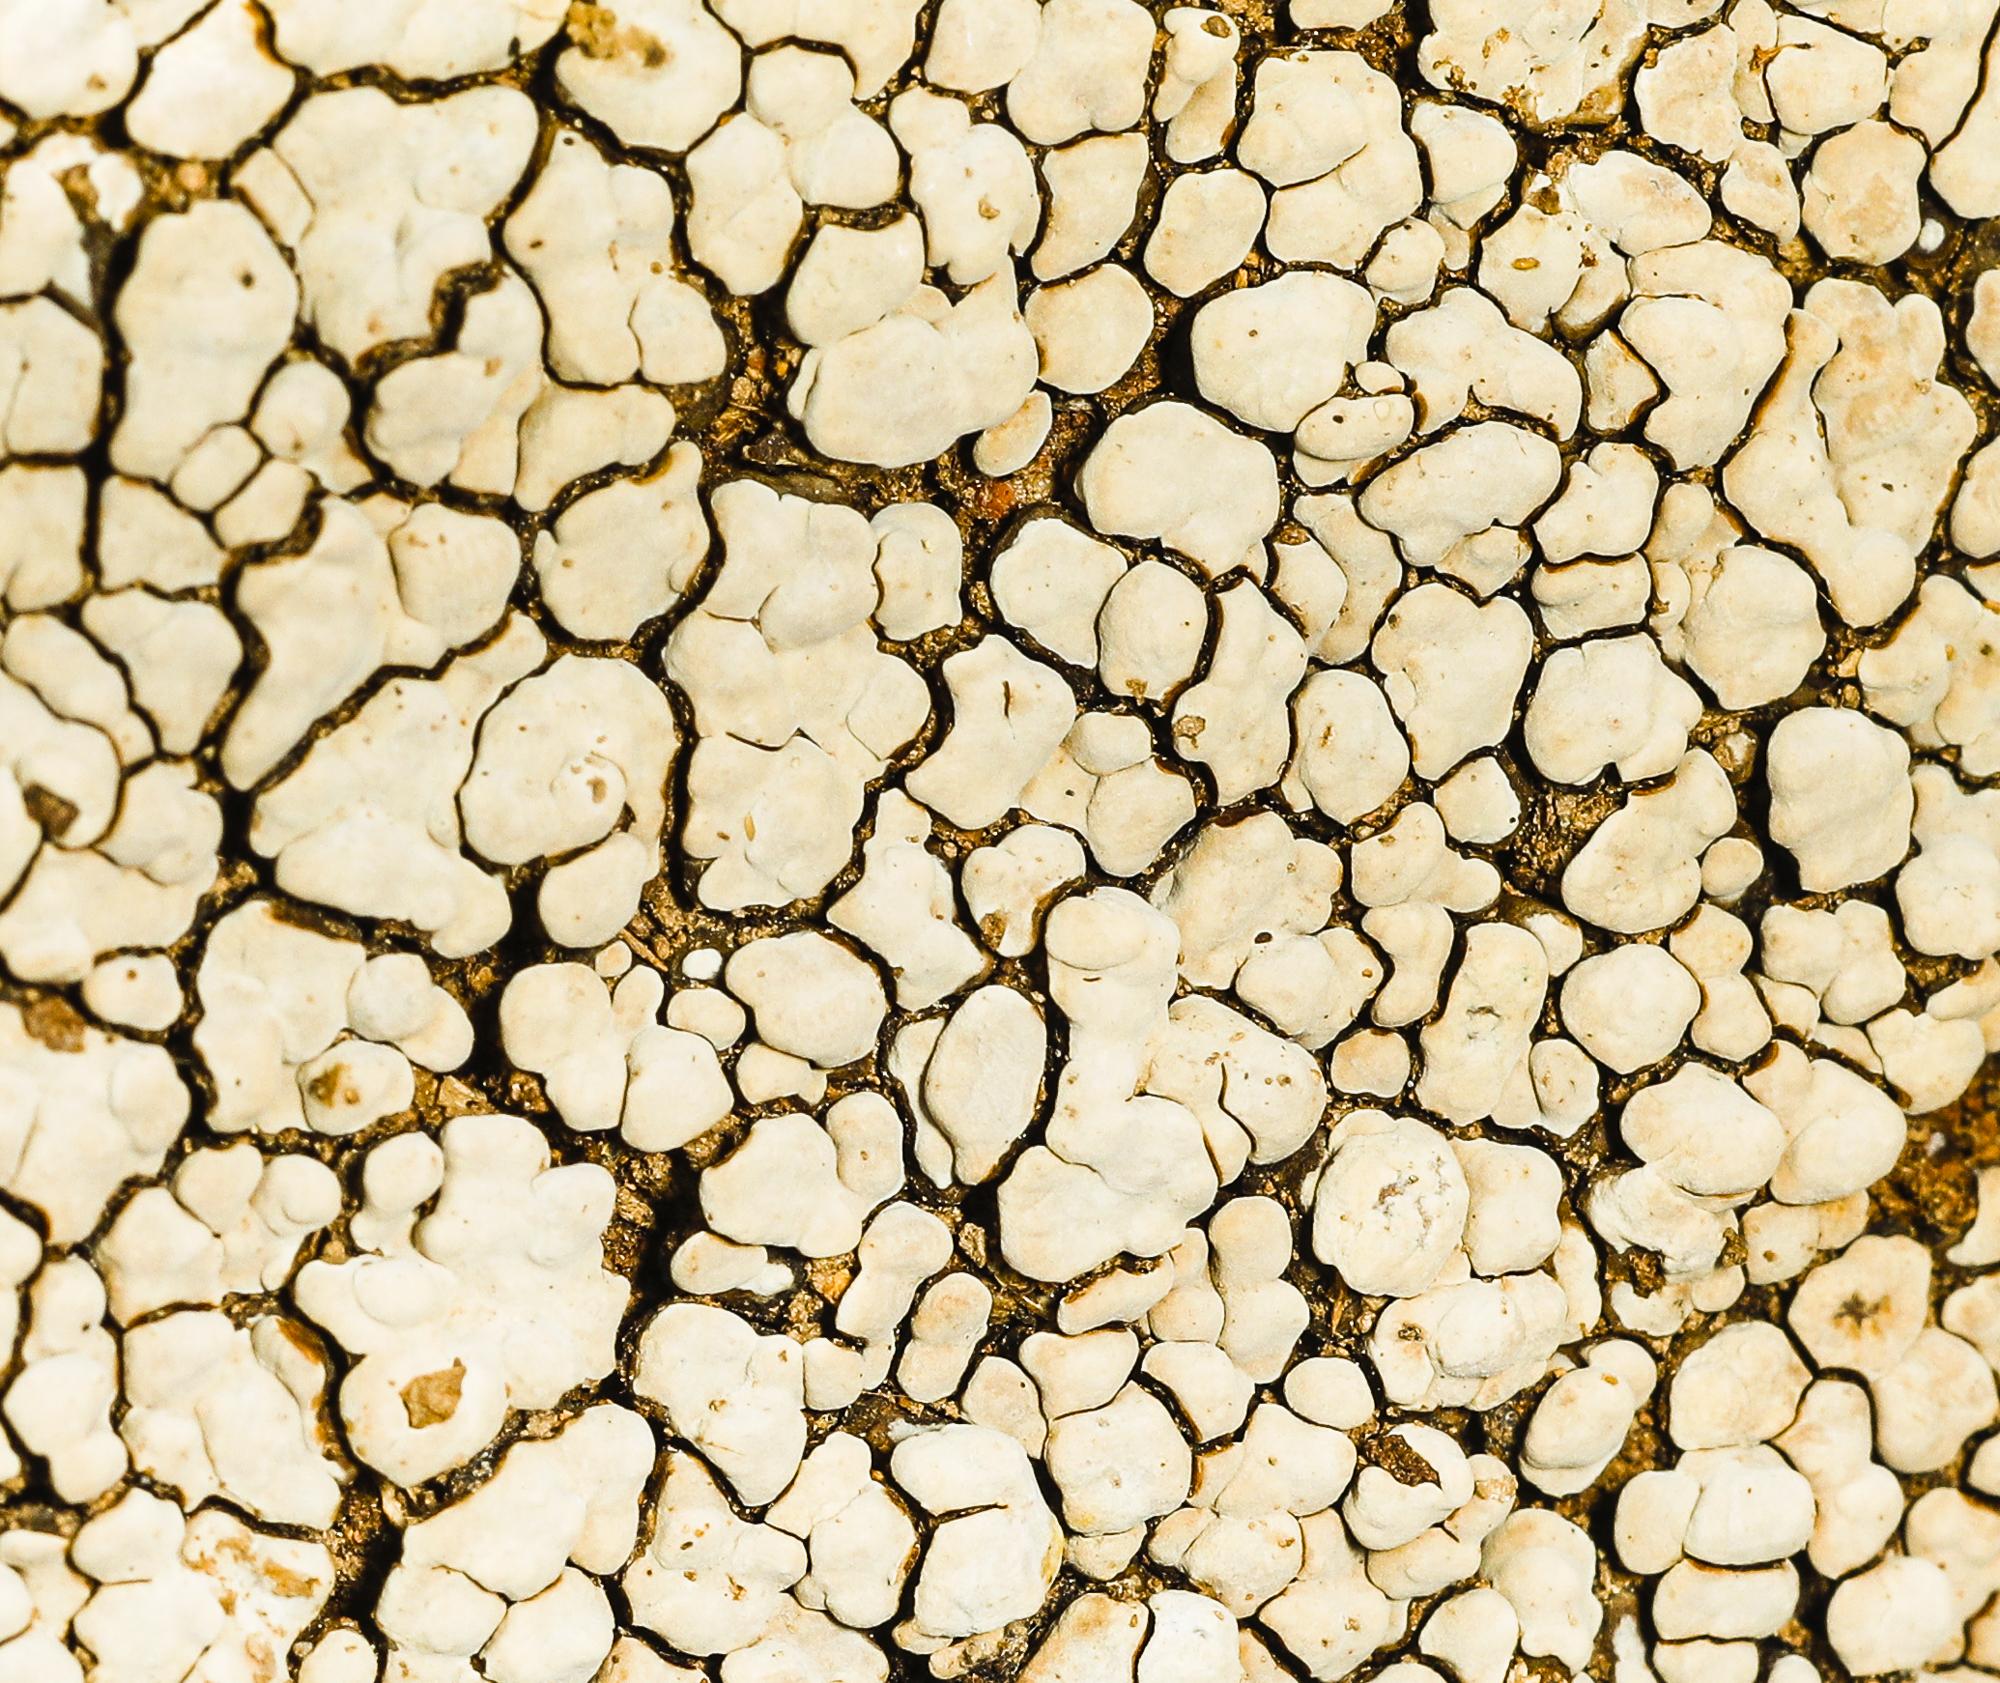 ceramic fungi (Xylobolus frustulatus))